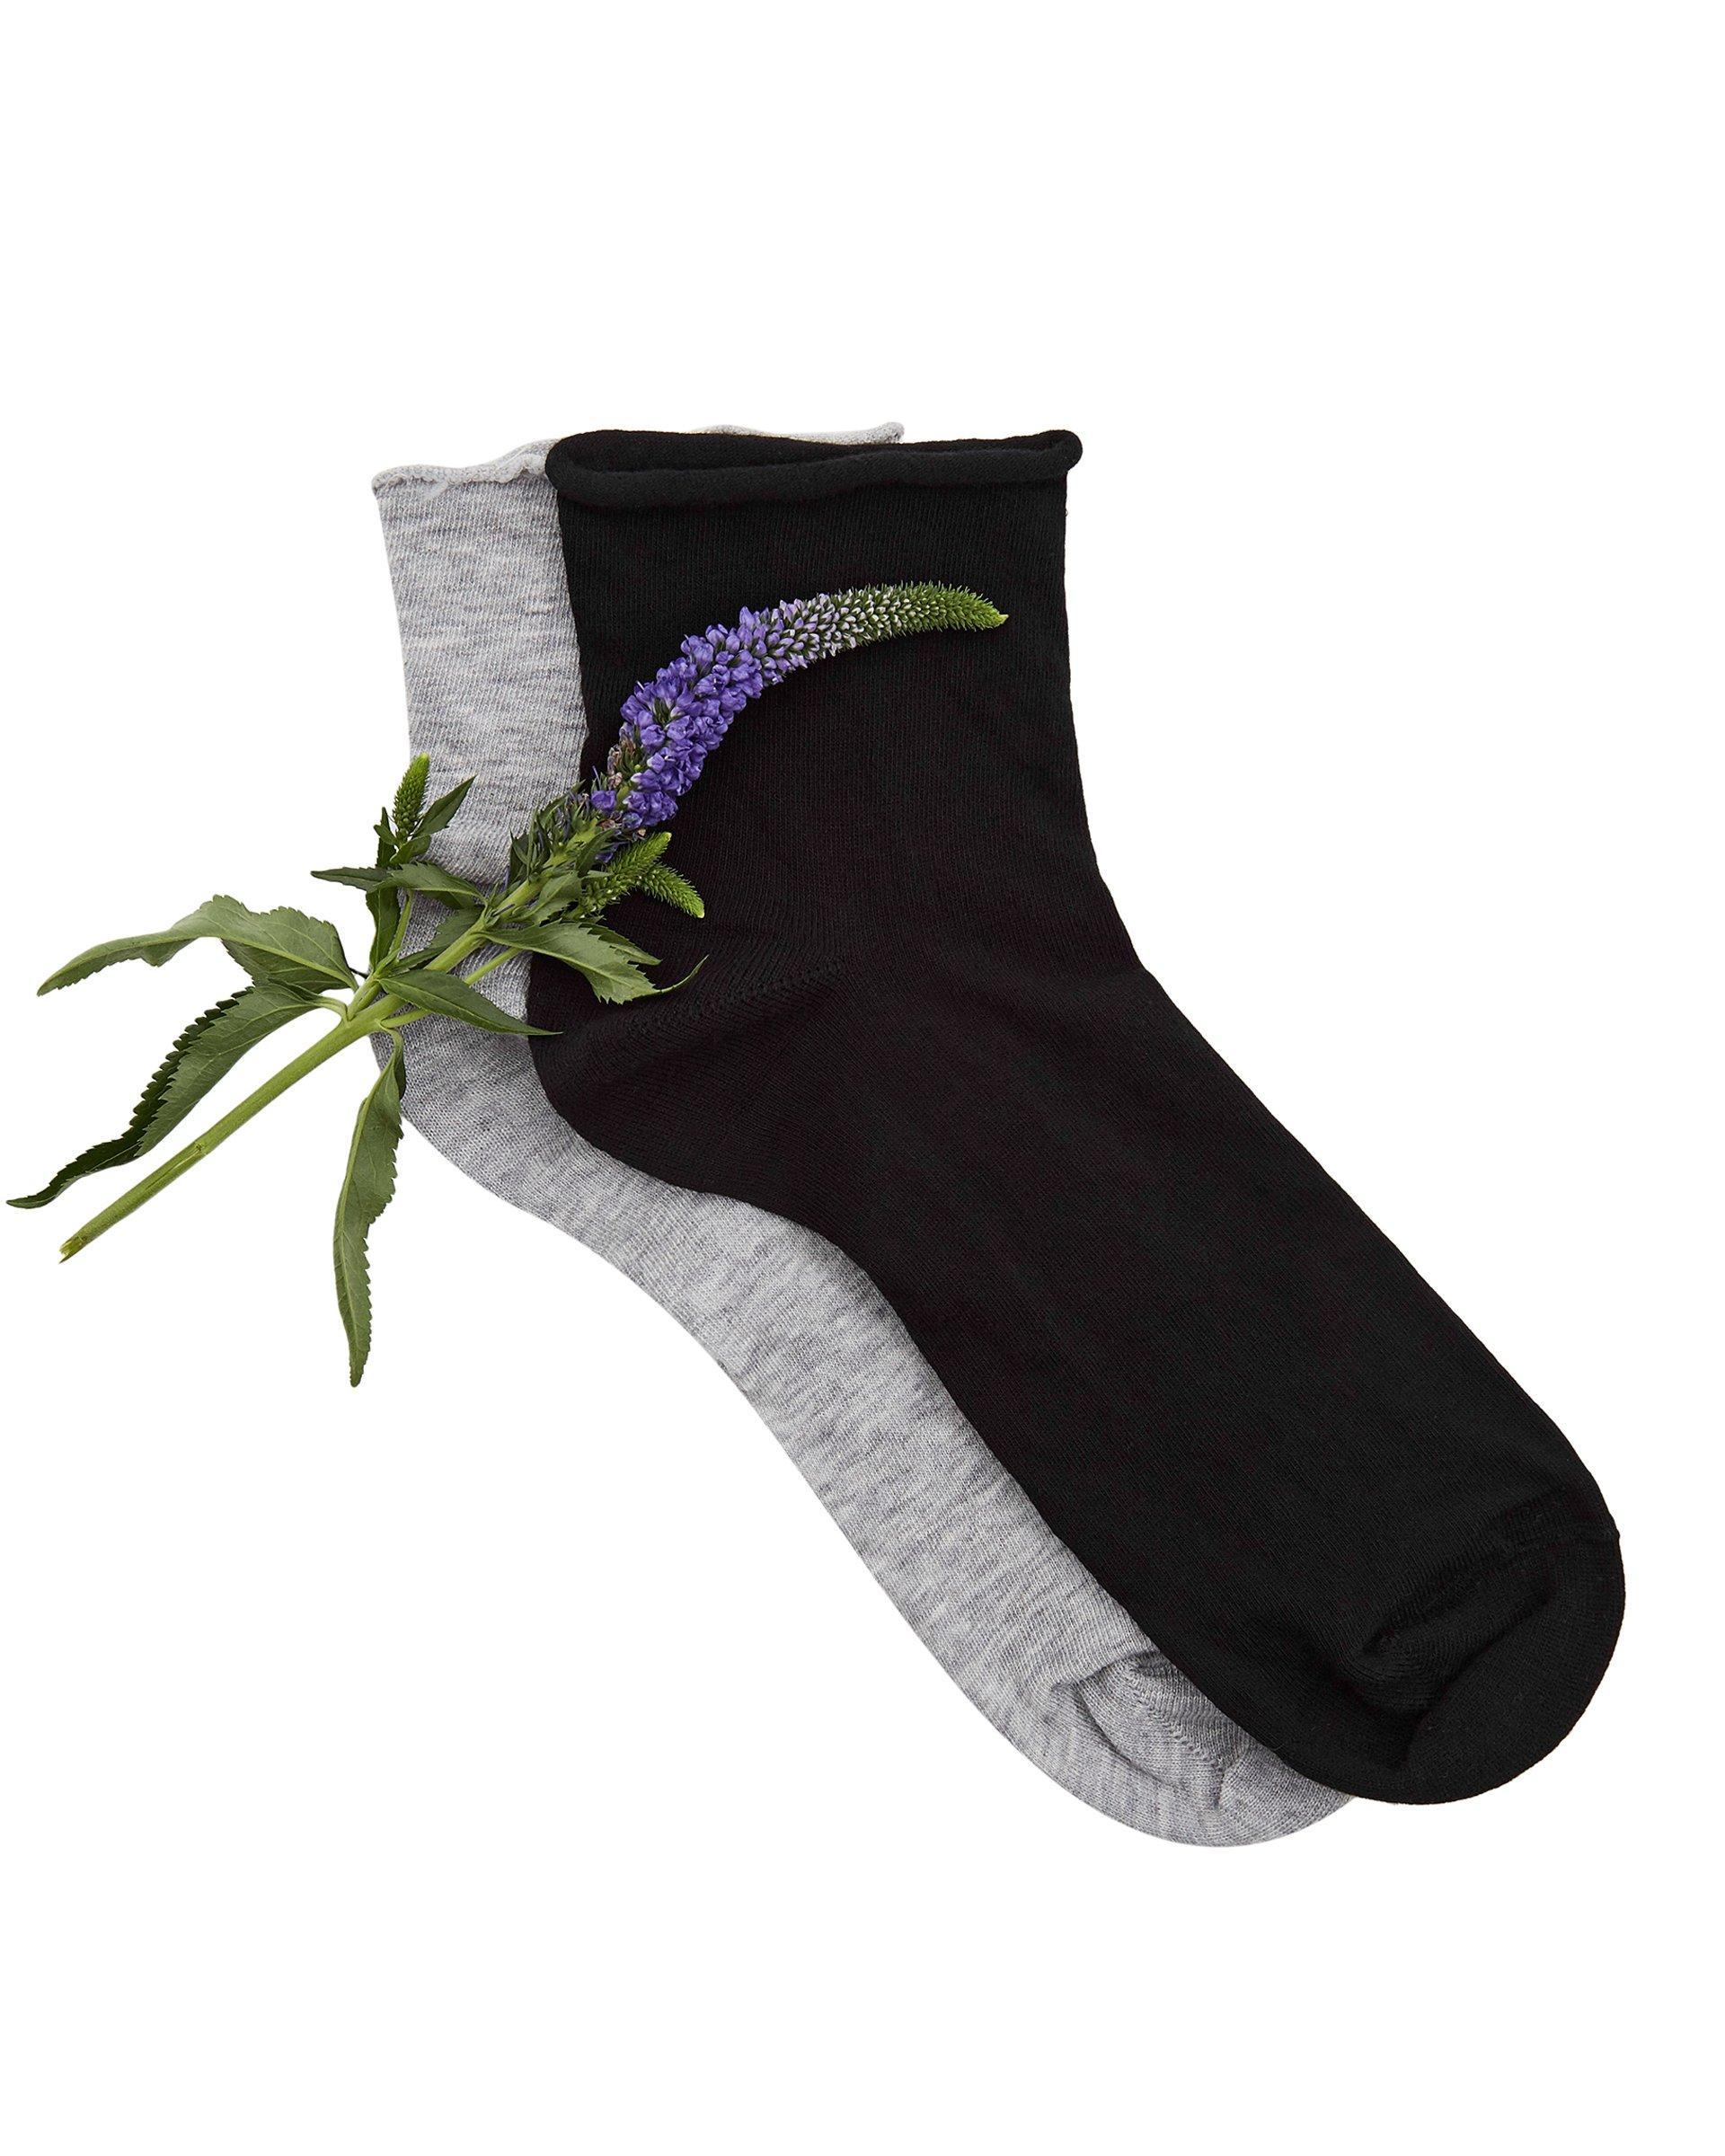 Носки 2 парыНижнее белье<br>Комплект носков состоит из двух пар. Модель выполнена из тонкого хлопкового трикотажа с добавлением синтетических волокон. Цветы на фотографиях не являются товаром и продаже не подлежат.<br>Цвет: Черный; Размер: OS;